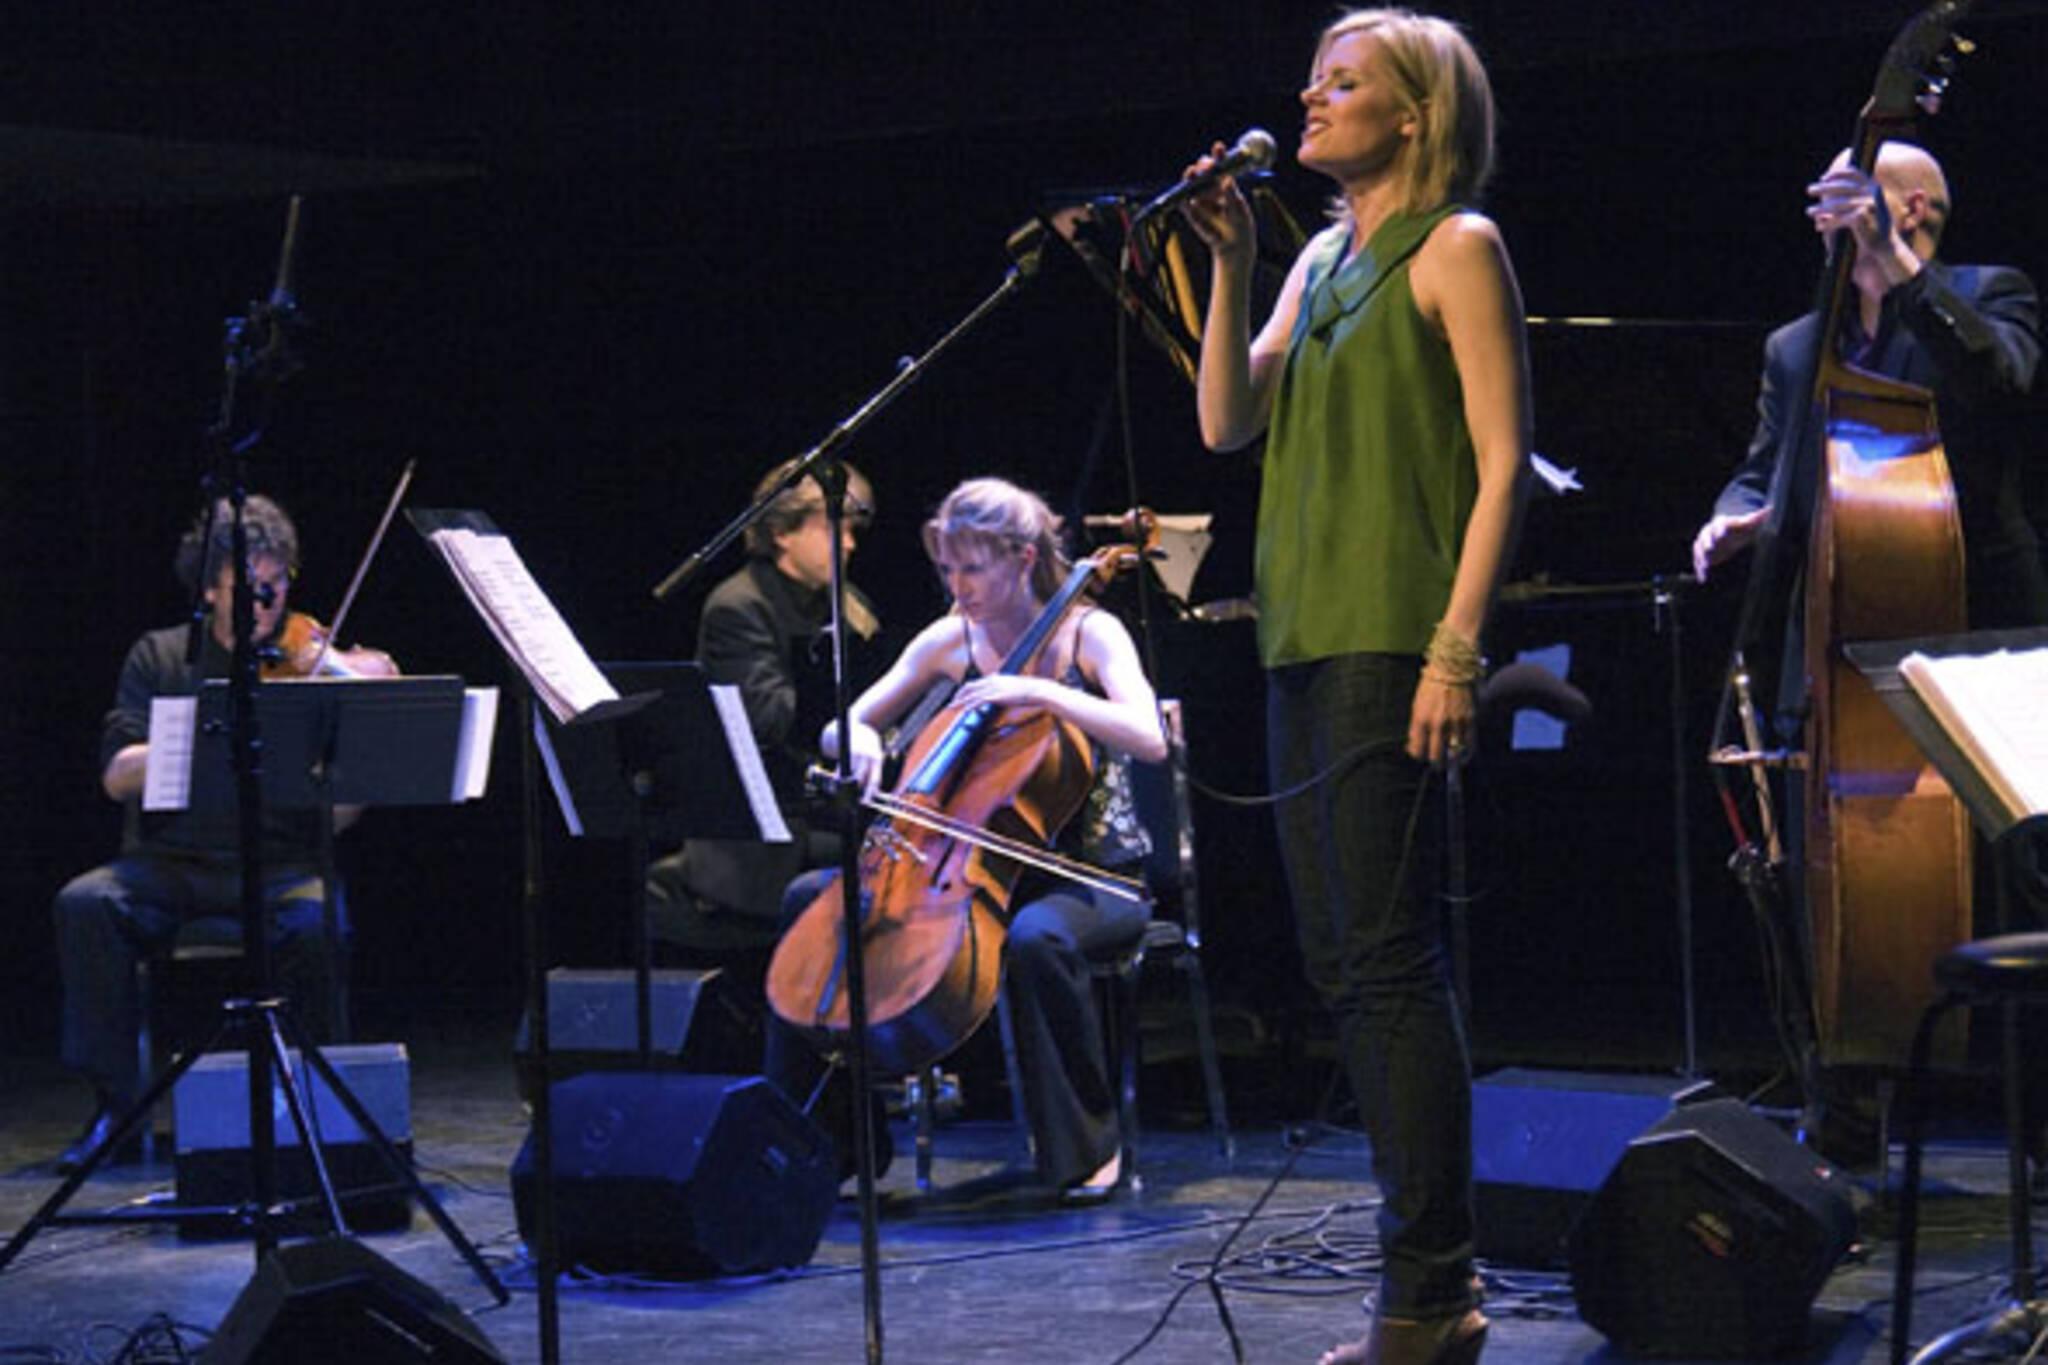 Melanie Doane with the Art of Time Ensemble